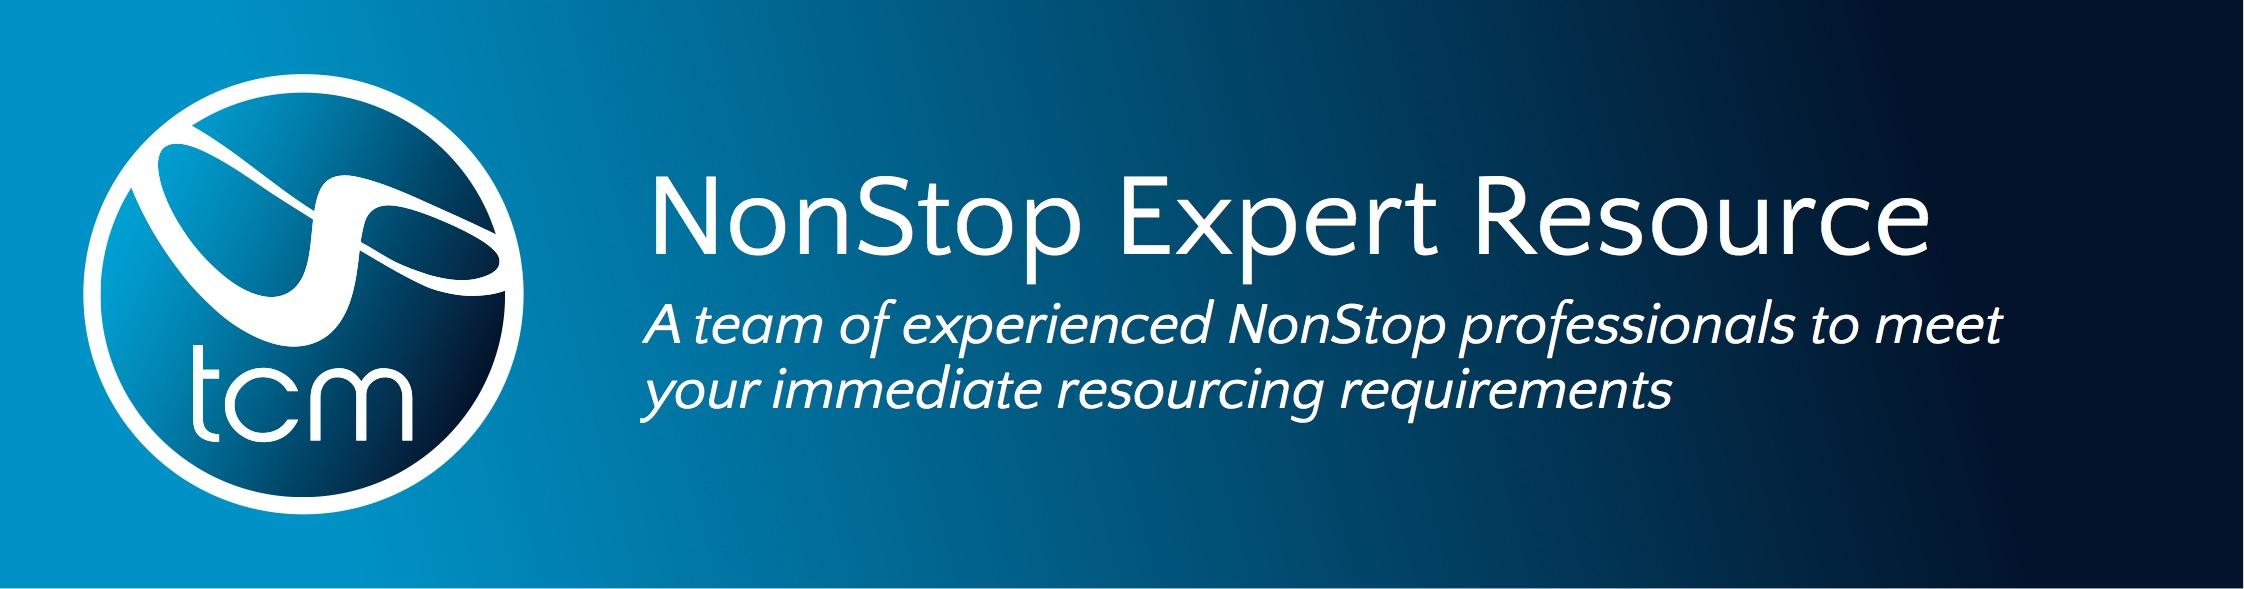 NS Expert Resource